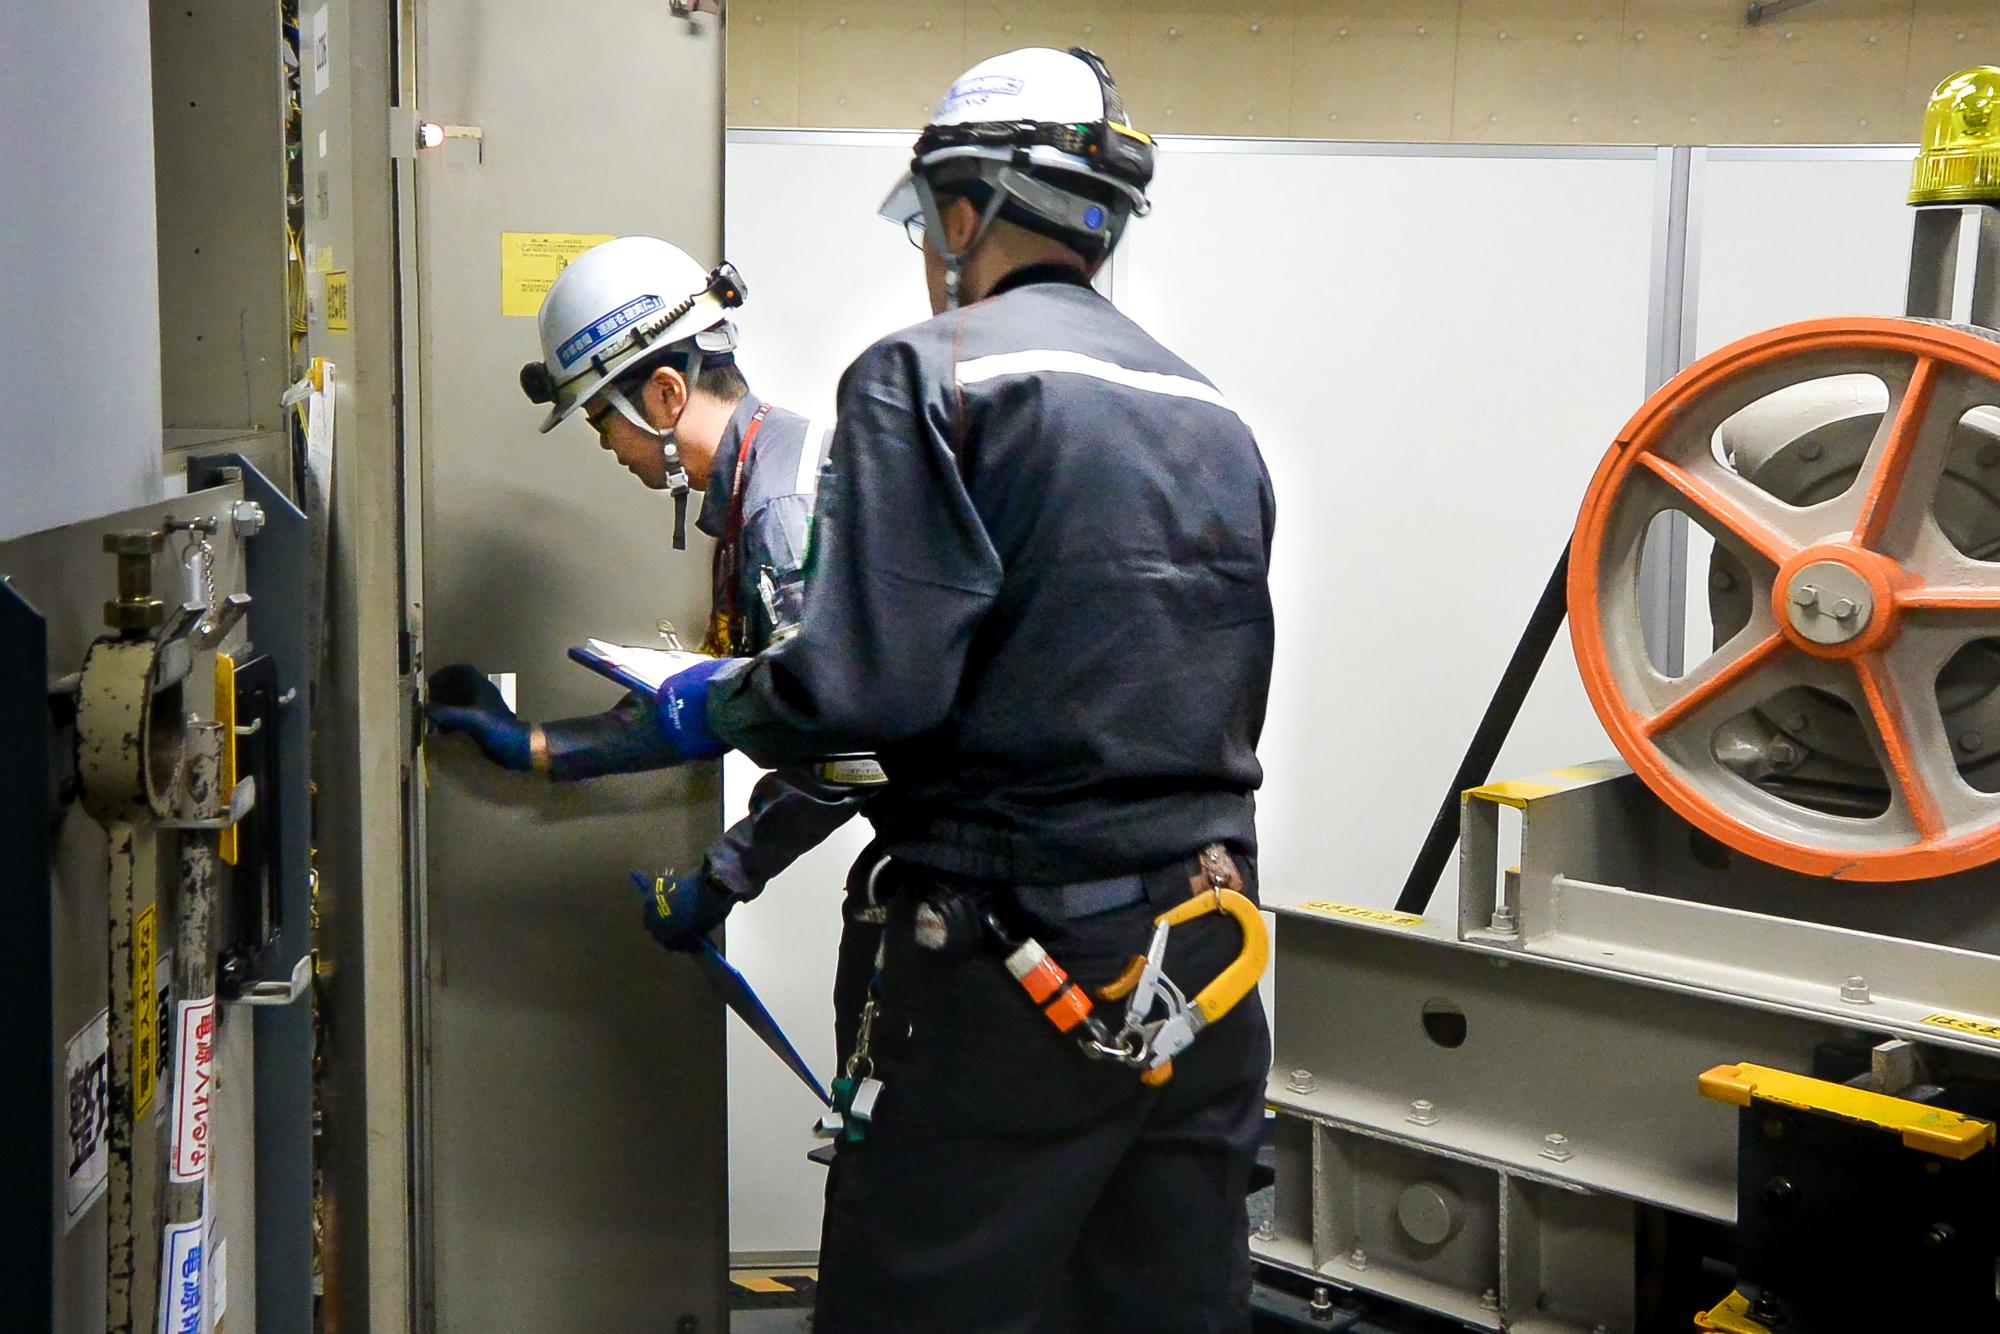 法定検査作業競技中の梅村氏(写真奥)。研修施設内に設置された旧方式のエレベーター実機にて、 制御盤を開き絶縁抵抗を測定中。(撮影時:2017年)